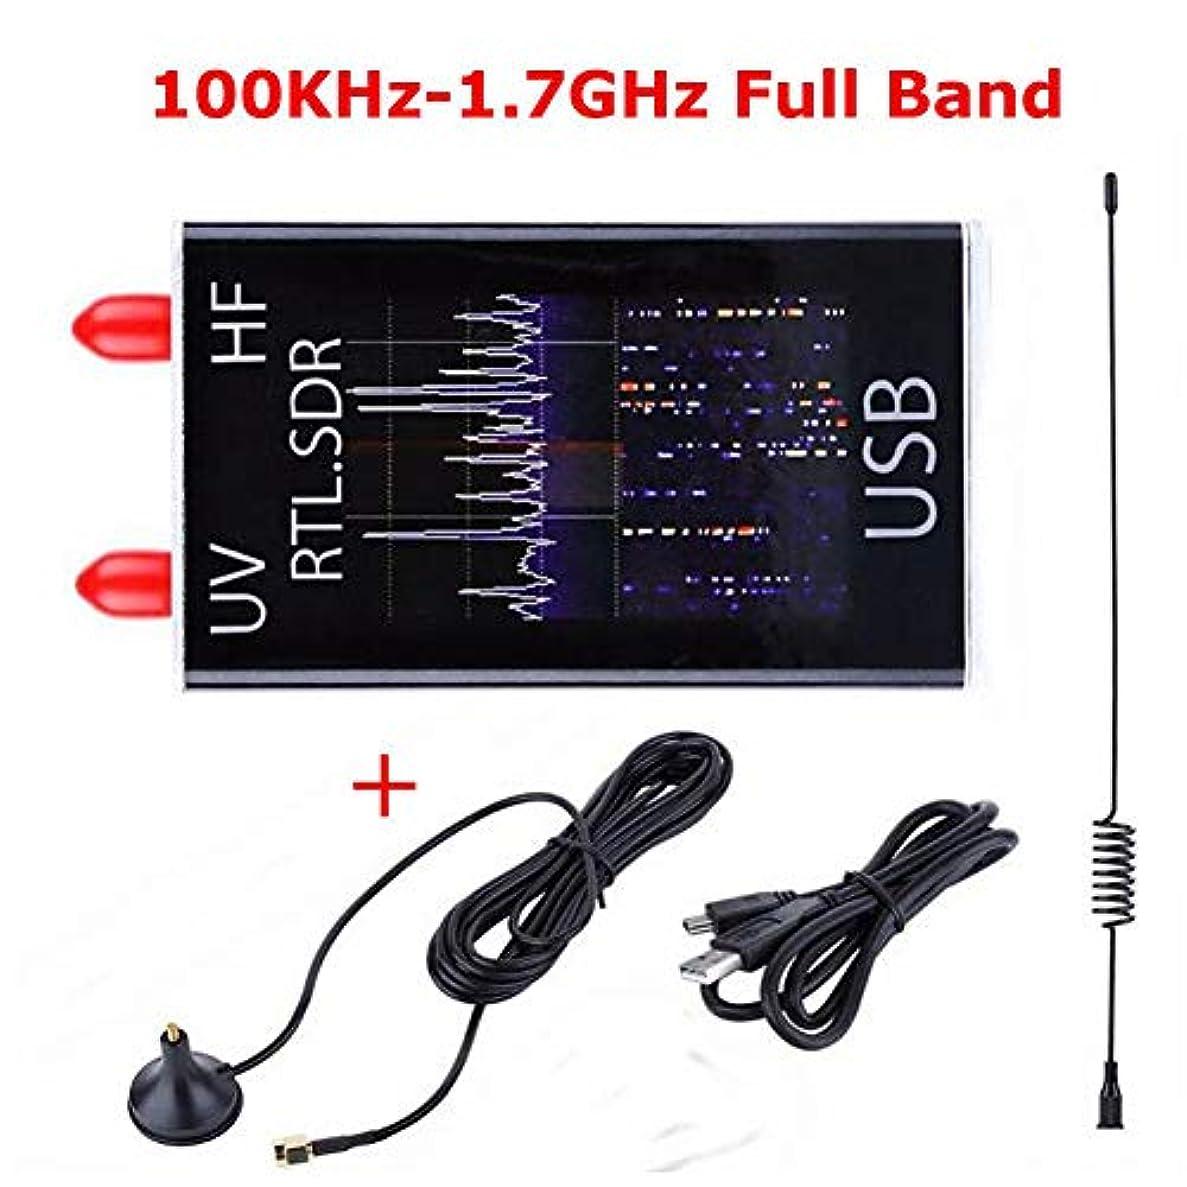 無知ビーチ博覧会ACHICOO 100KHz?1.7GHzフルバンドUV HF RTL-SDR USBチューナーレシーバ/ R820T + 8232ハムラジオ